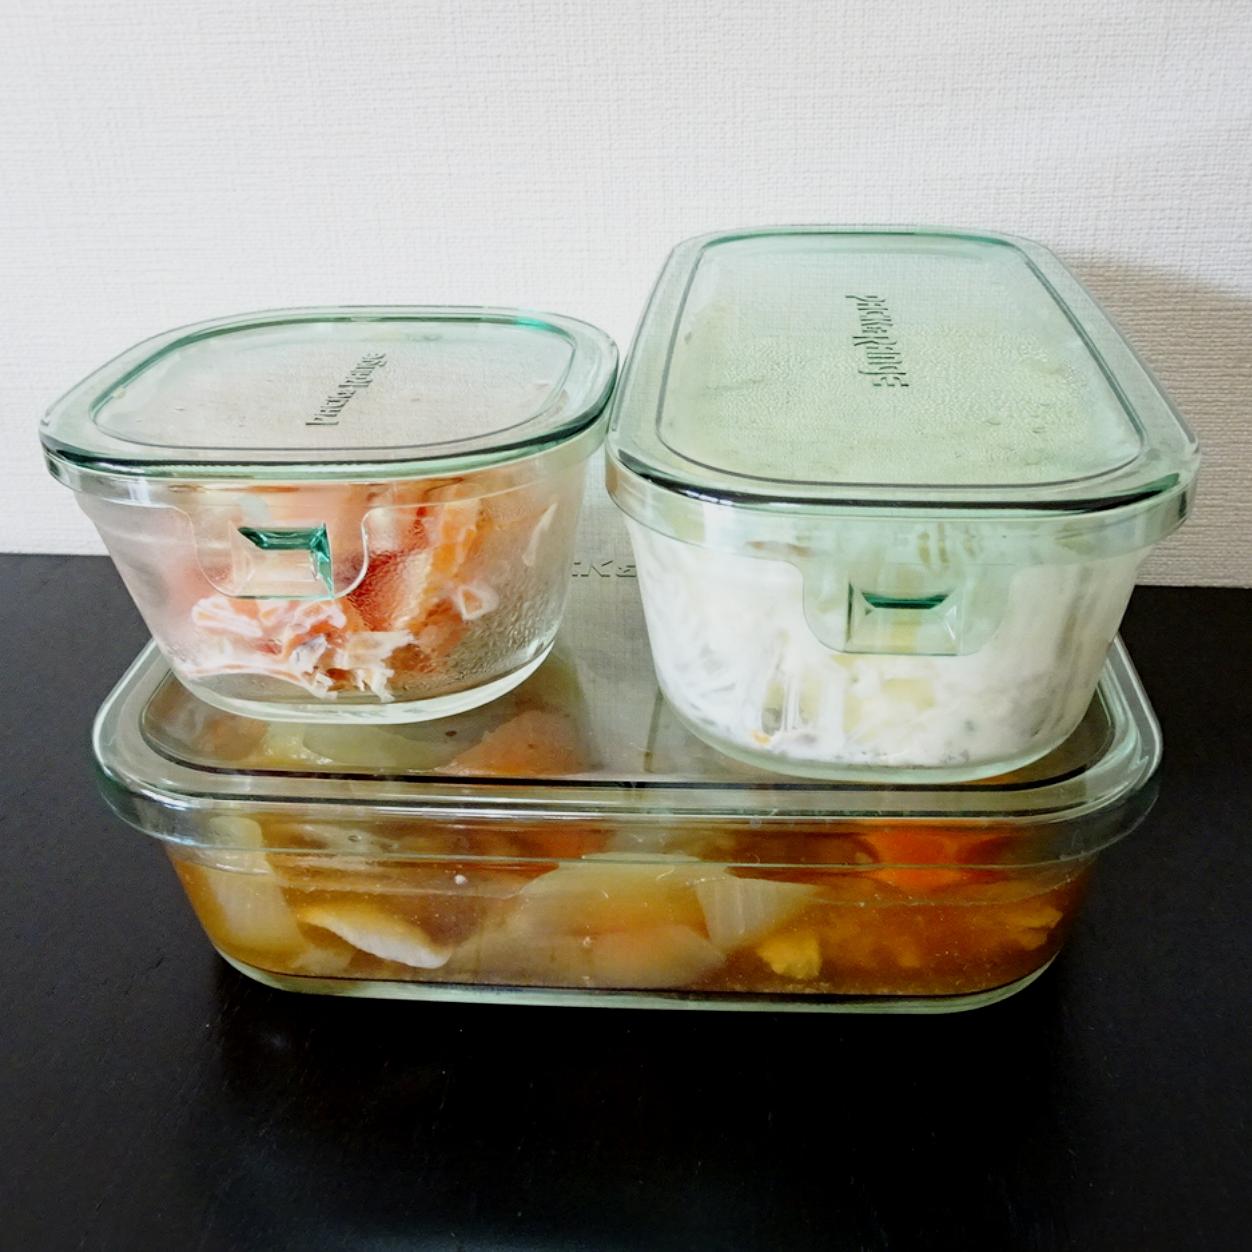 耐熱ガラス容器で作り置きおかず!iwakiのパック&レンジは調理も保存容器としても優秀♪